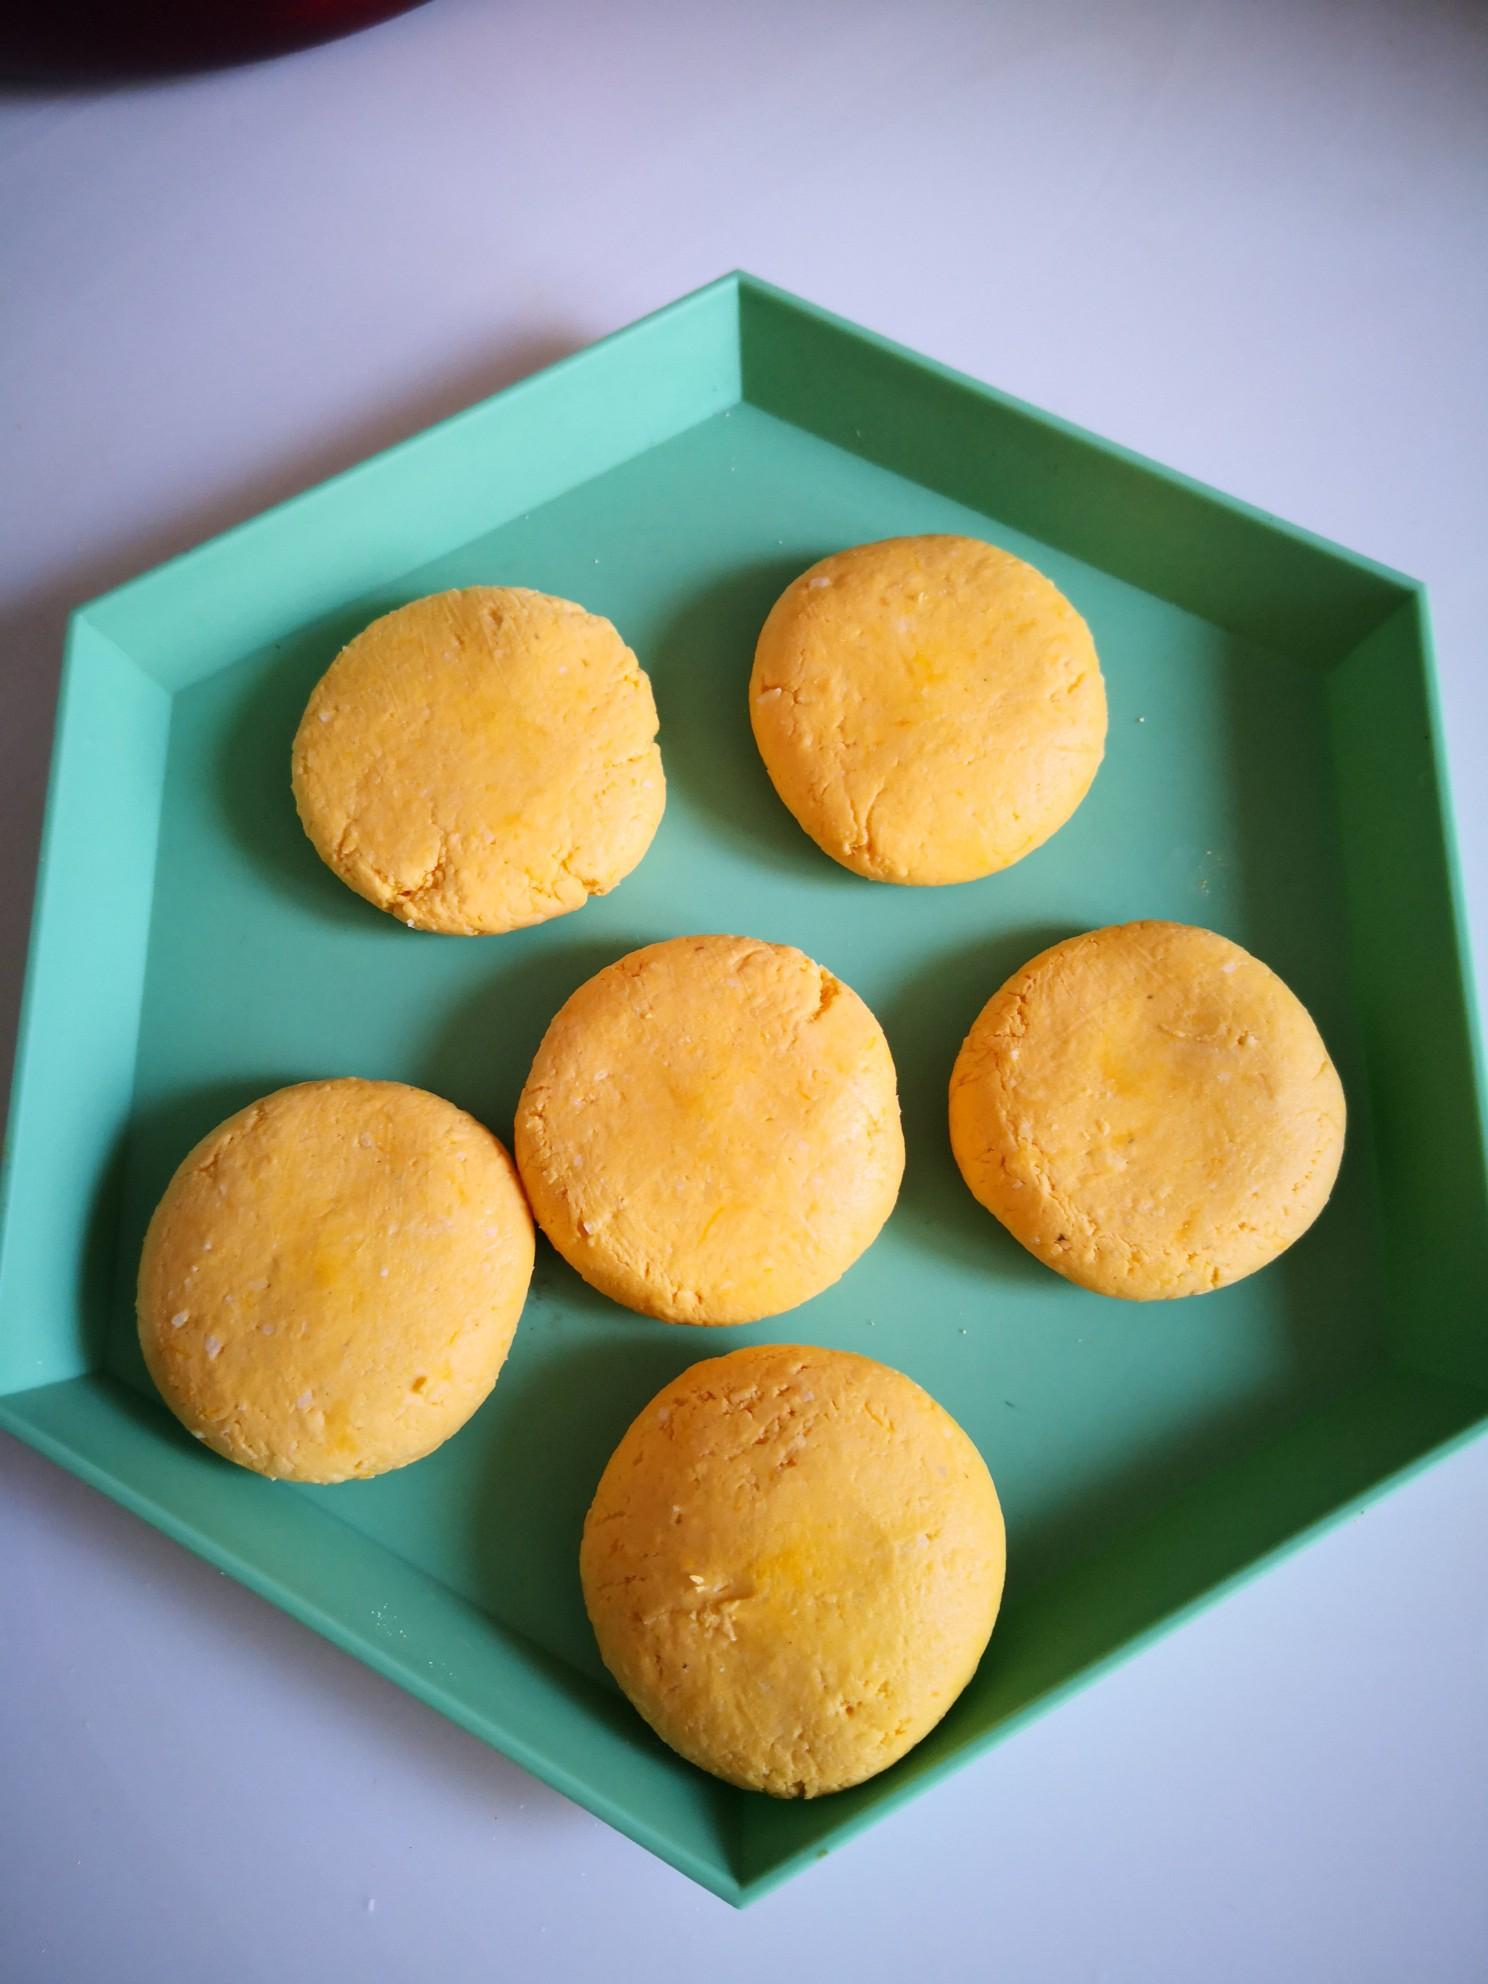 芝麻椰蓉南瓜饼怎么做